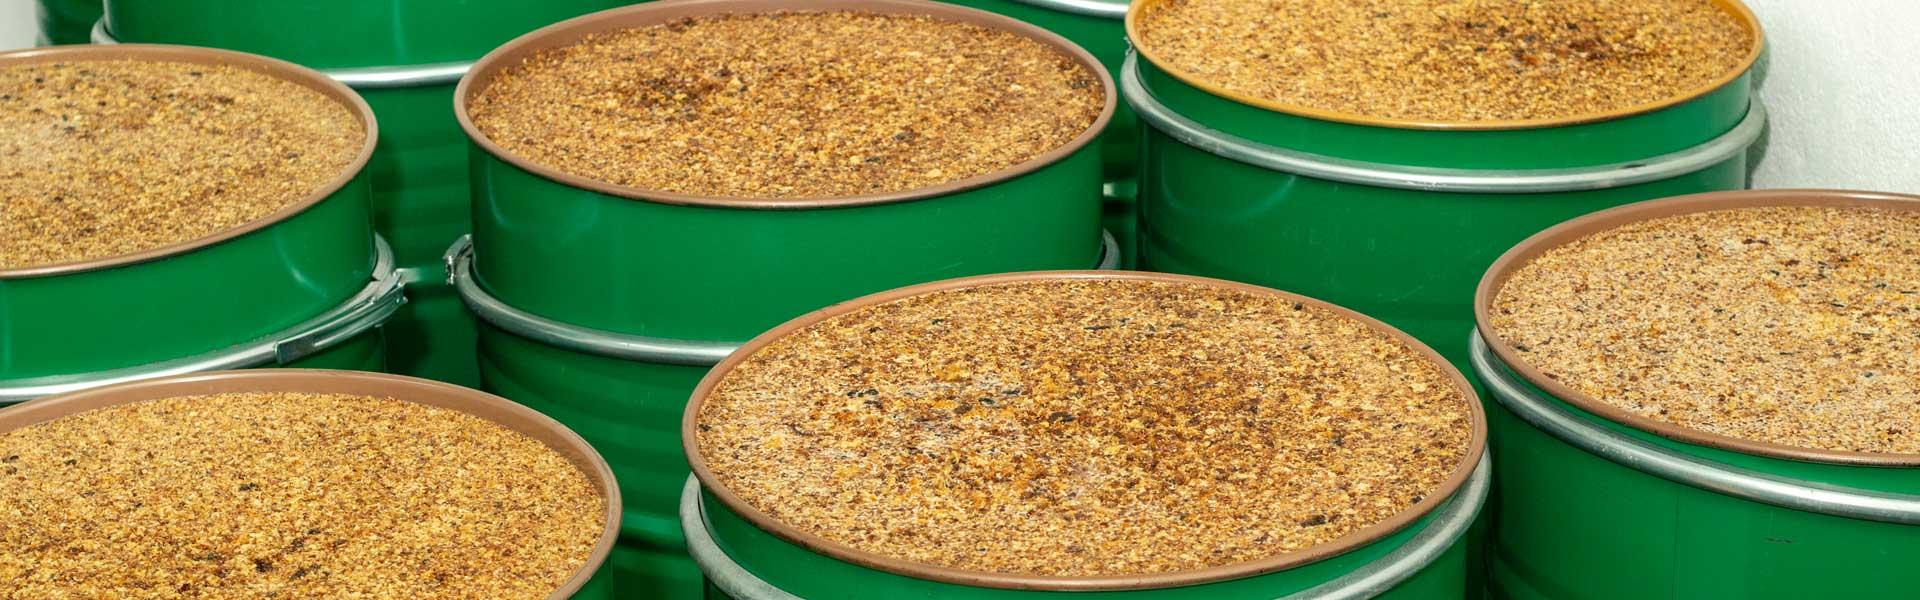 Натуральный мёдили фальсификат: лабораторная диагностика иблокчейн впомощь